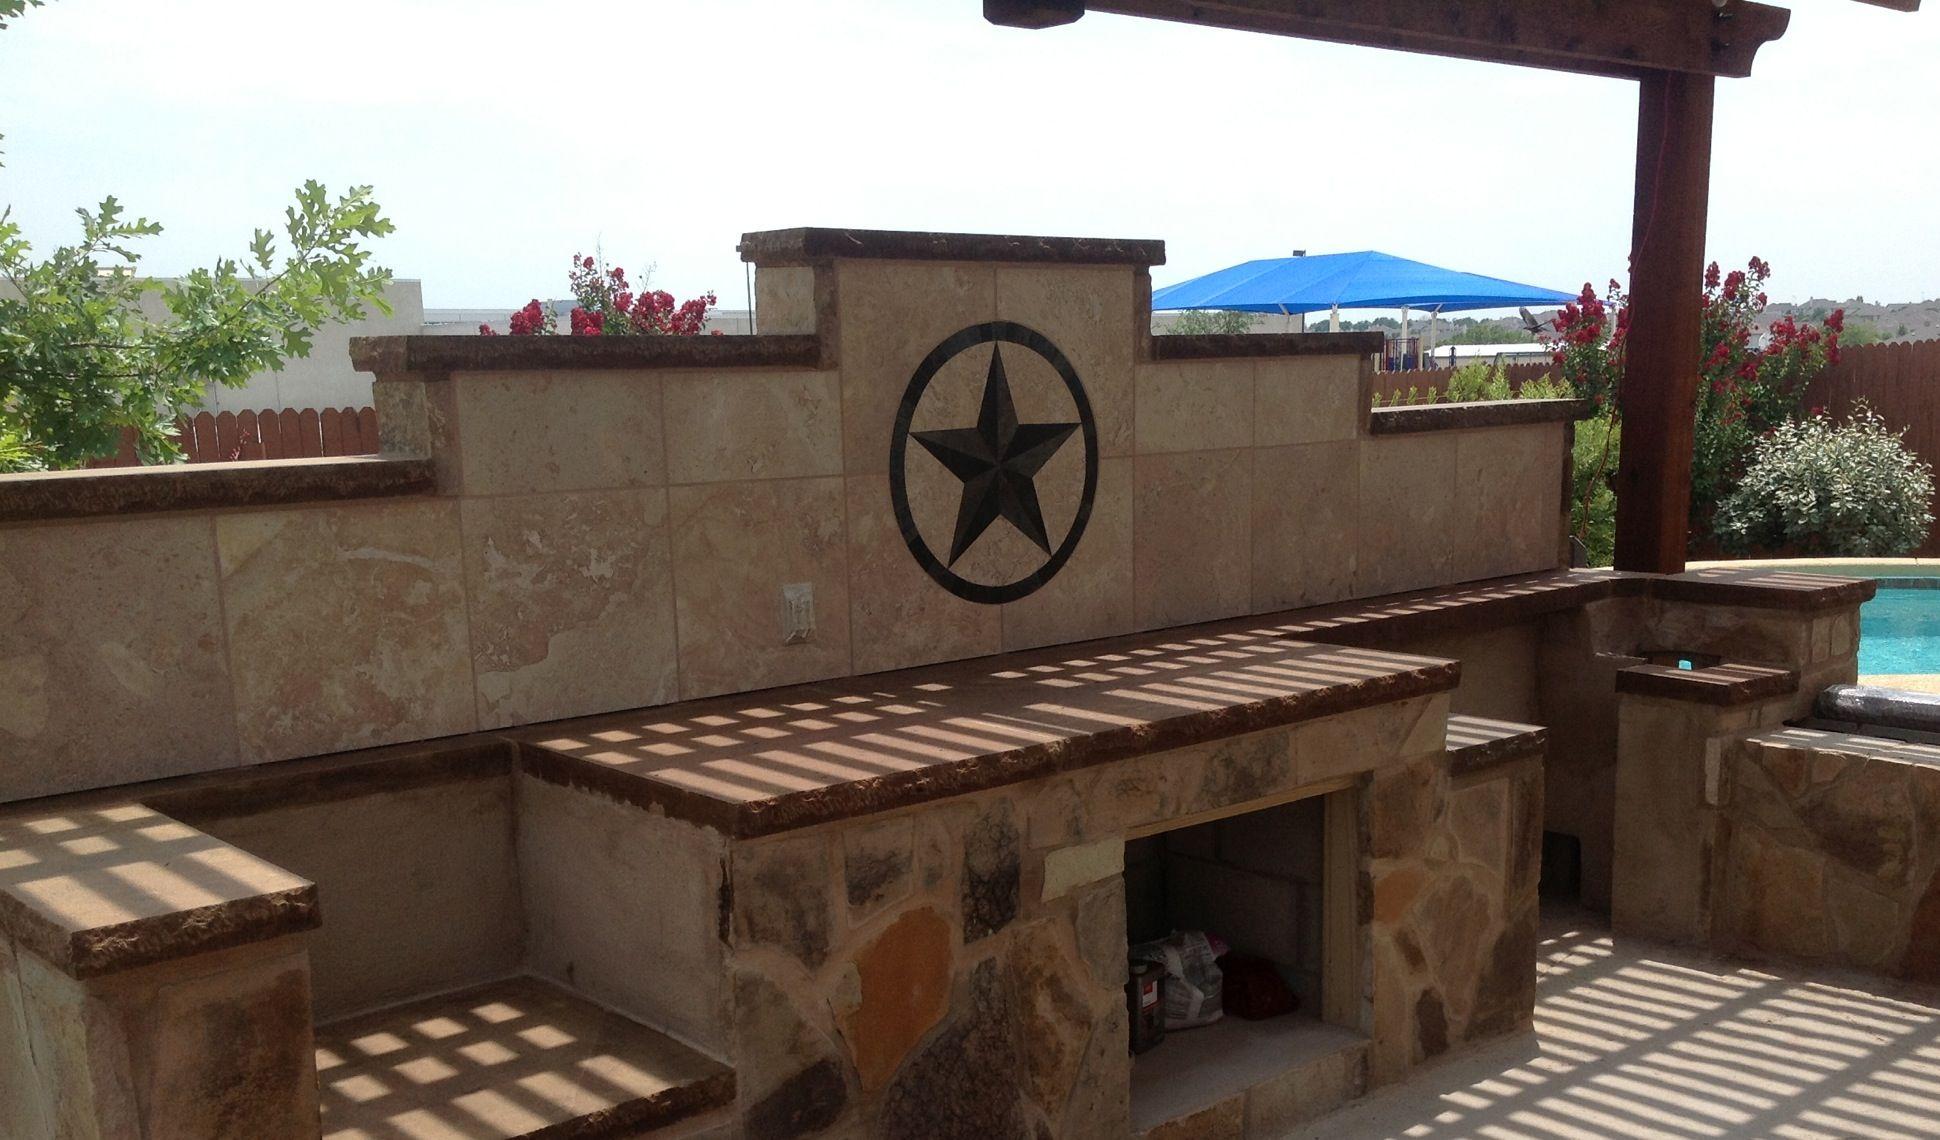 24 texas star in backsplash of outdoor kitchen texas star outdoor kitchen backyard living on outdoor kitchen backsplash id=69272